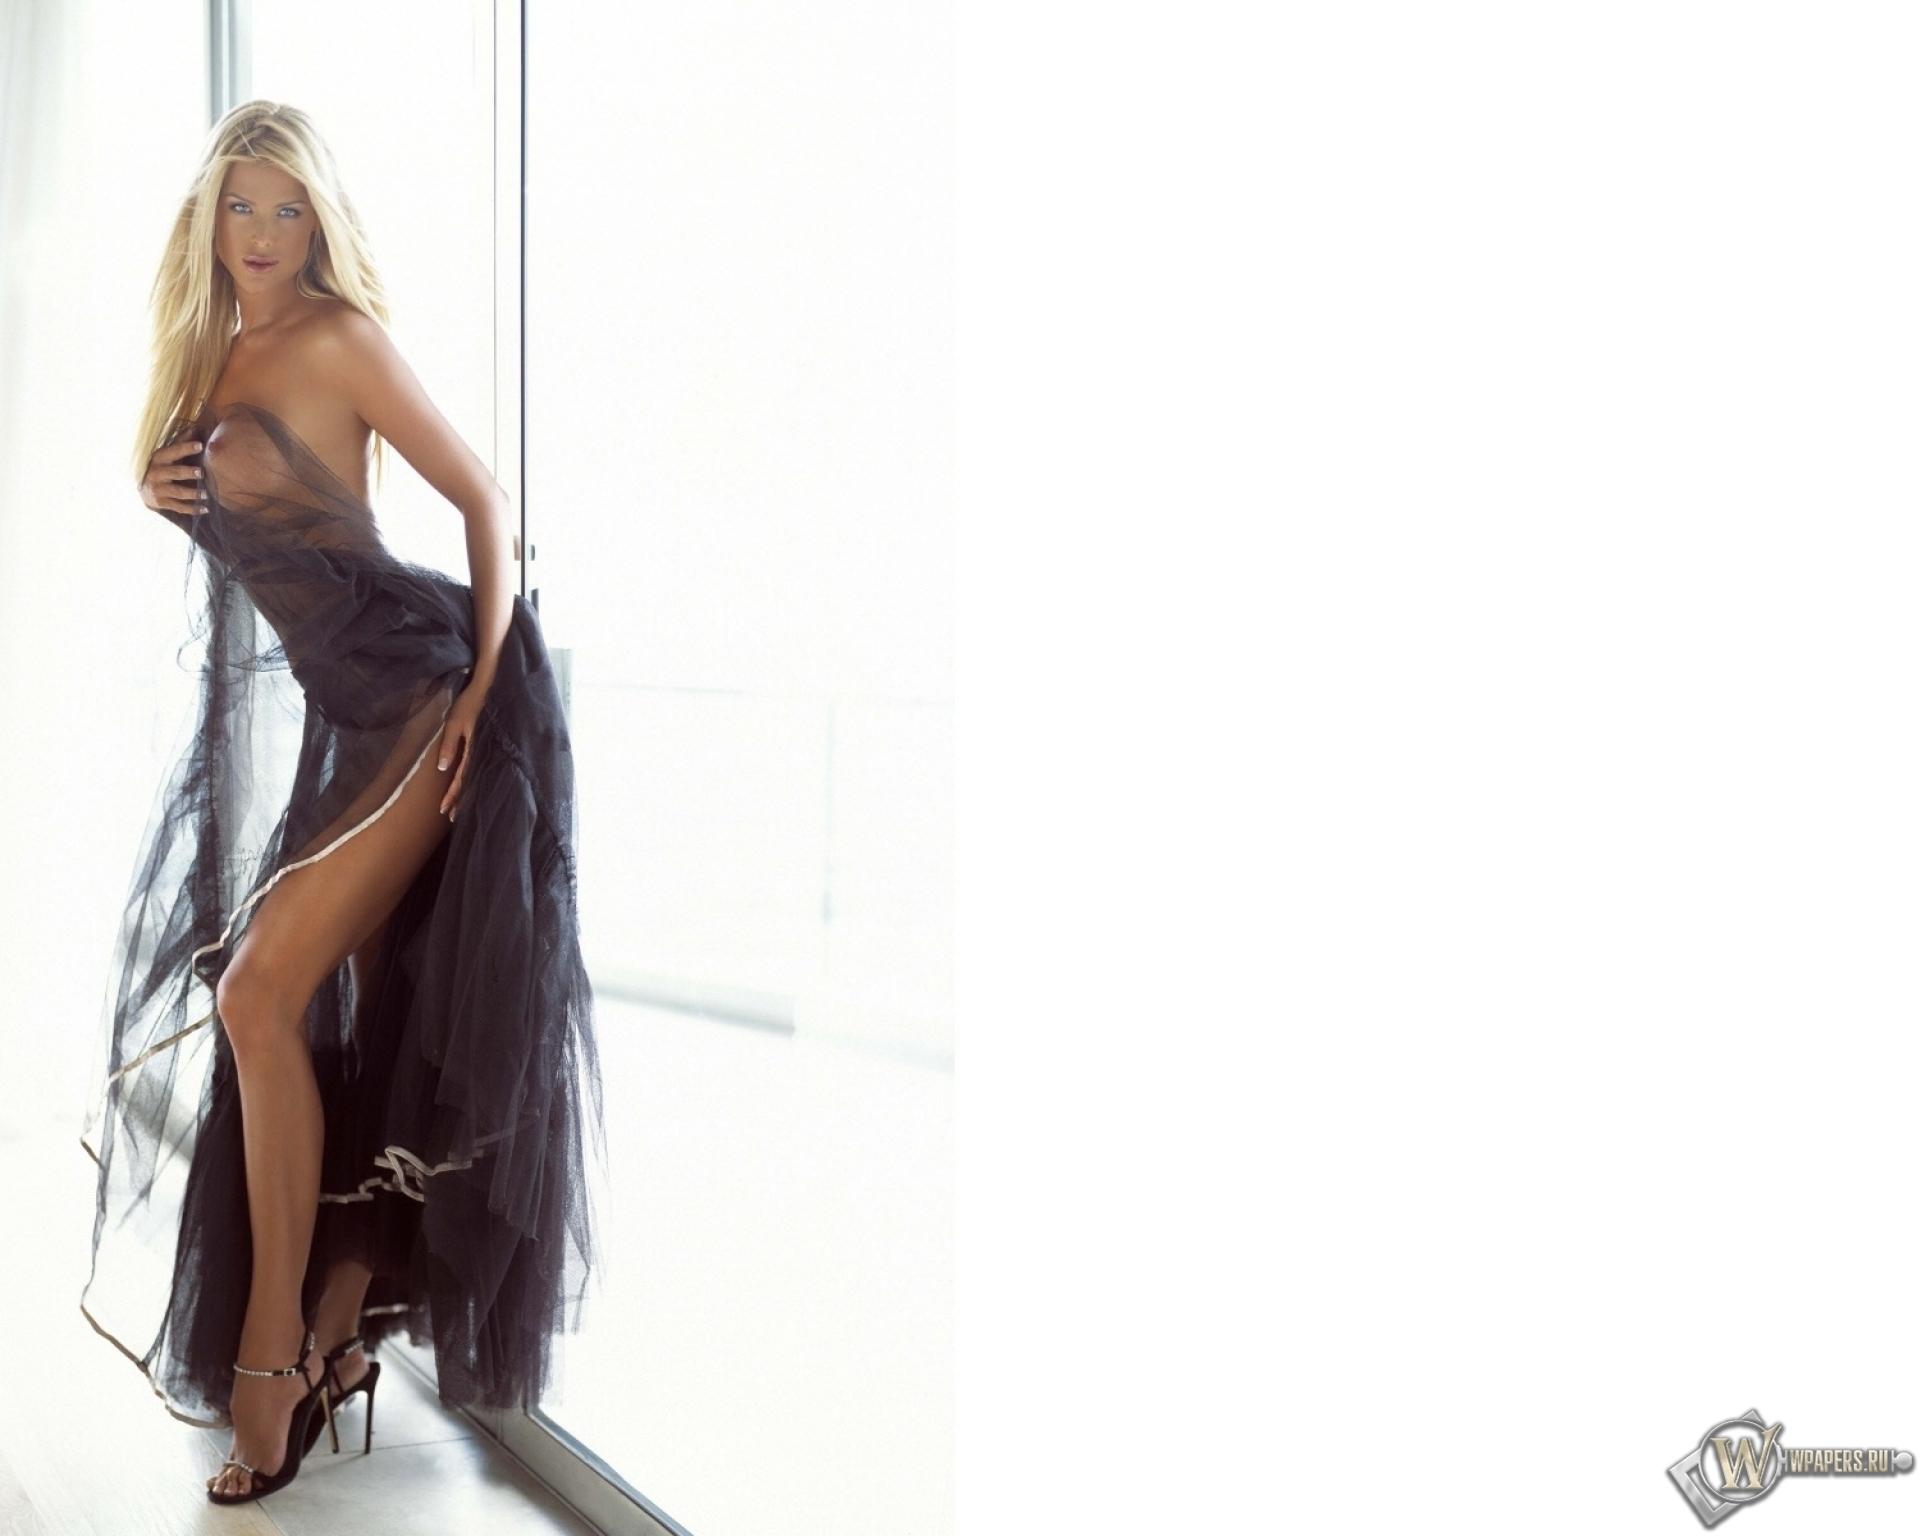 Эротика красивые девушки фото в платьях 24 фотография